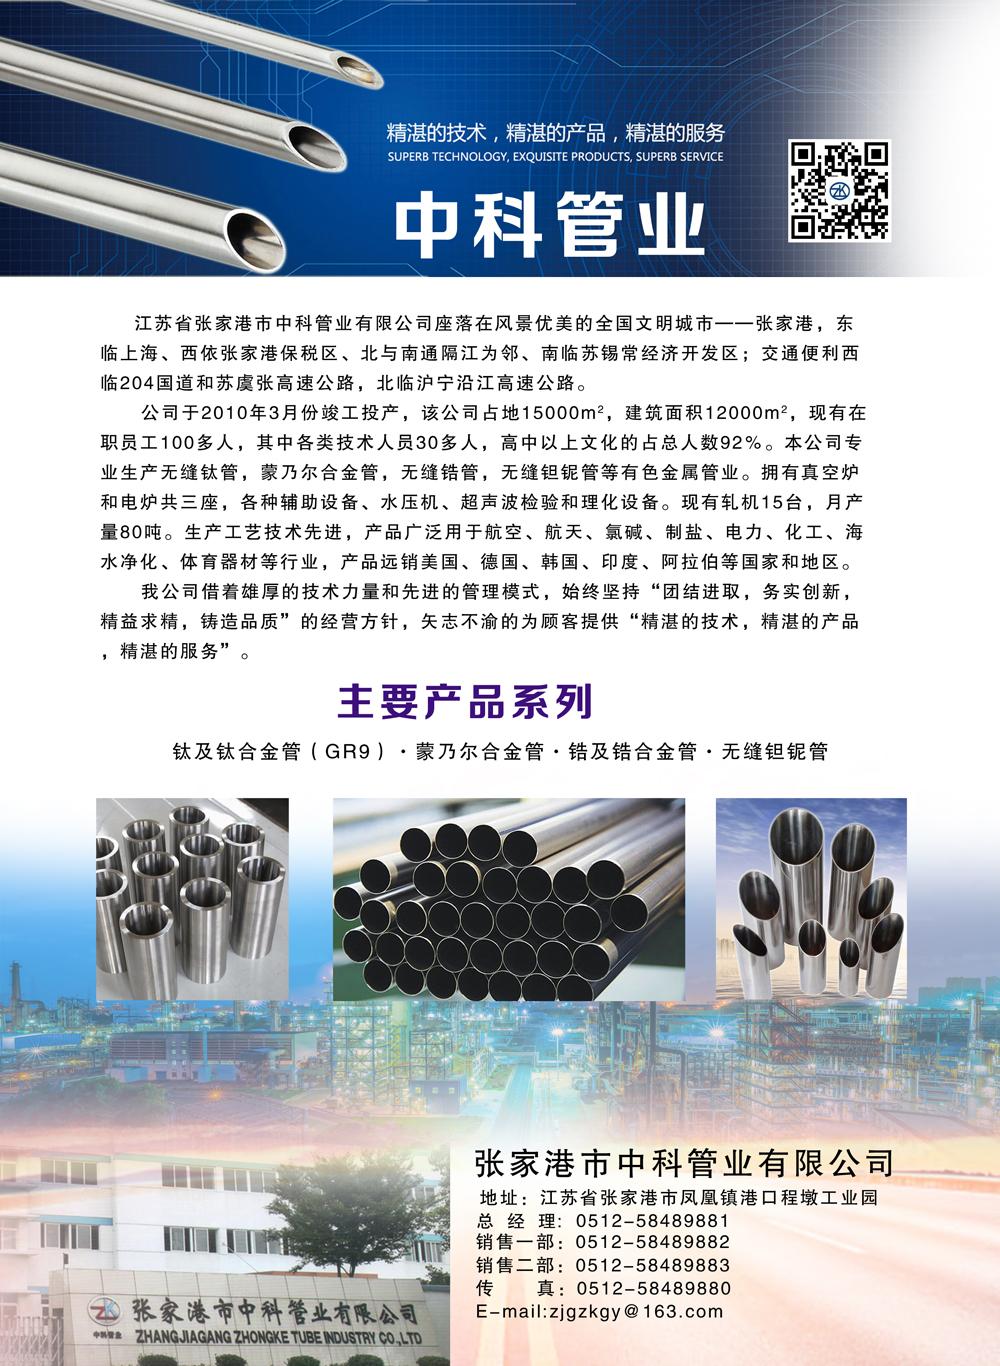 张家港市中科管业有限公司